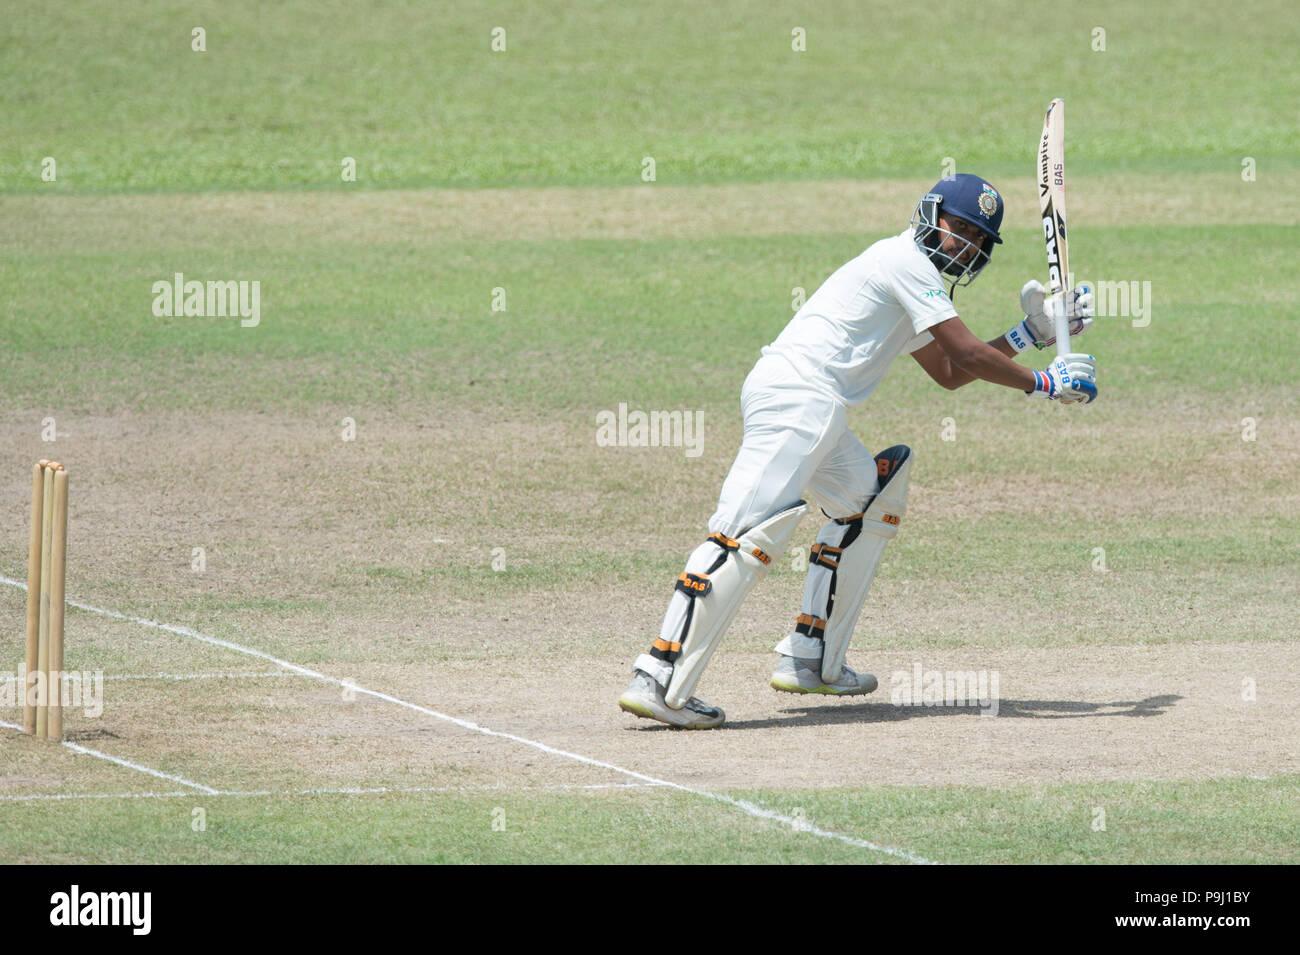 Lanka match making